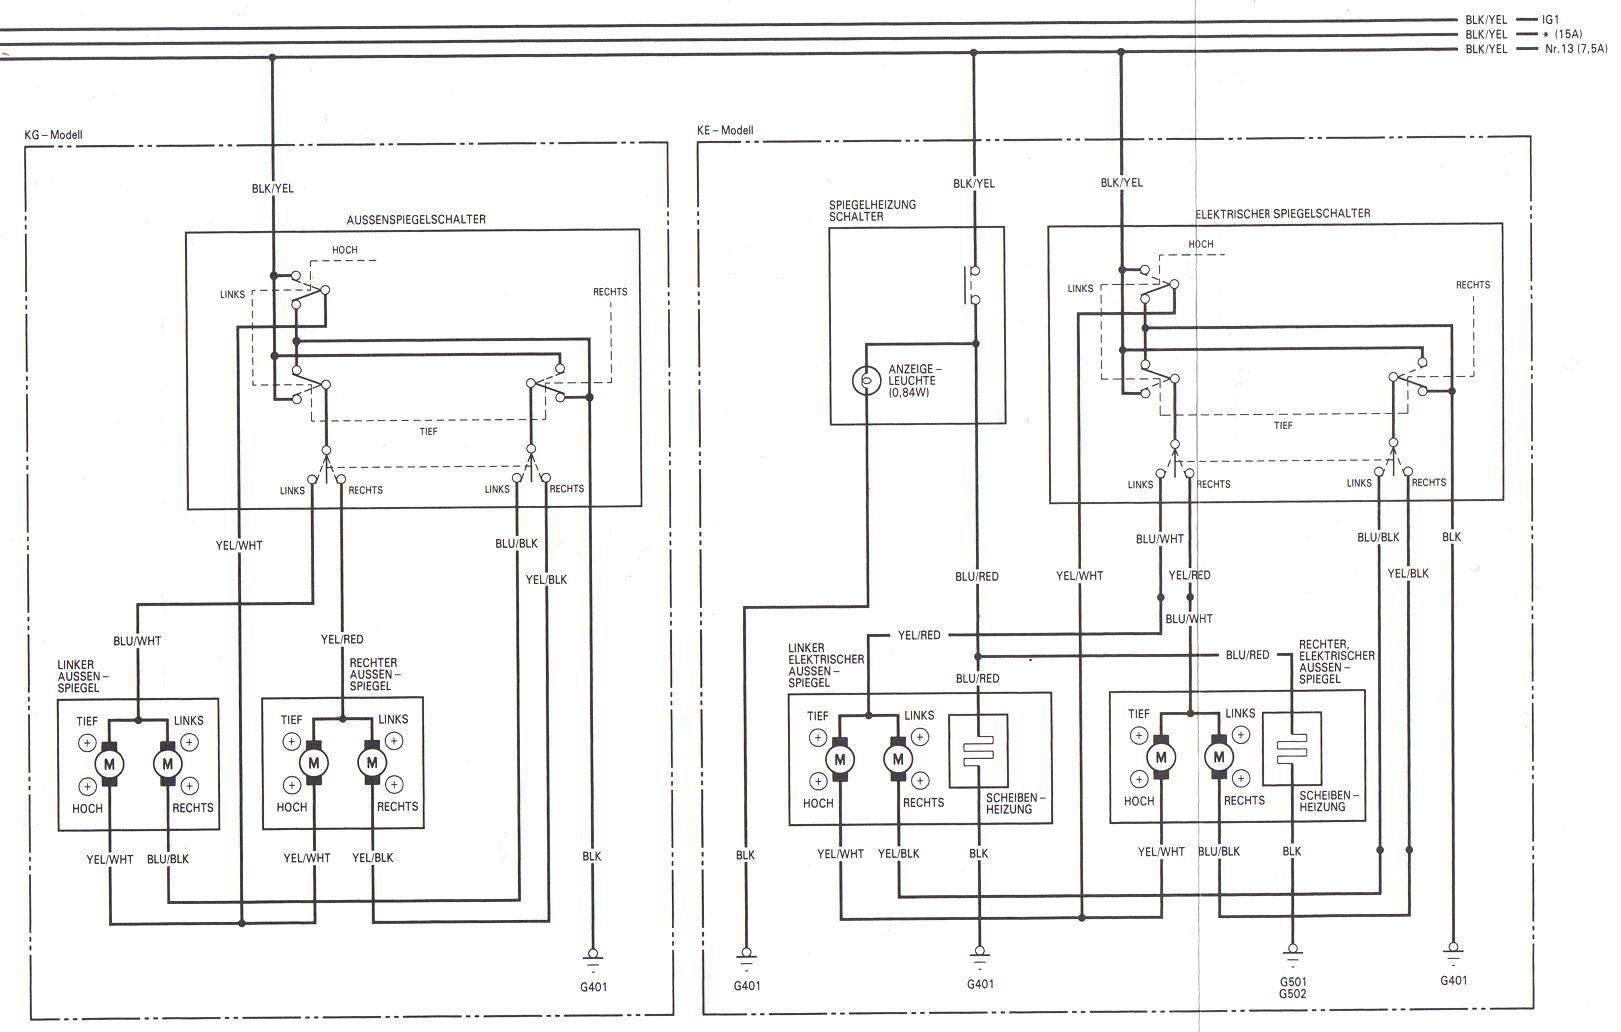 Wunderbar Freier Honda Schaltplan Ideen - Elektrische Schaltplan ...